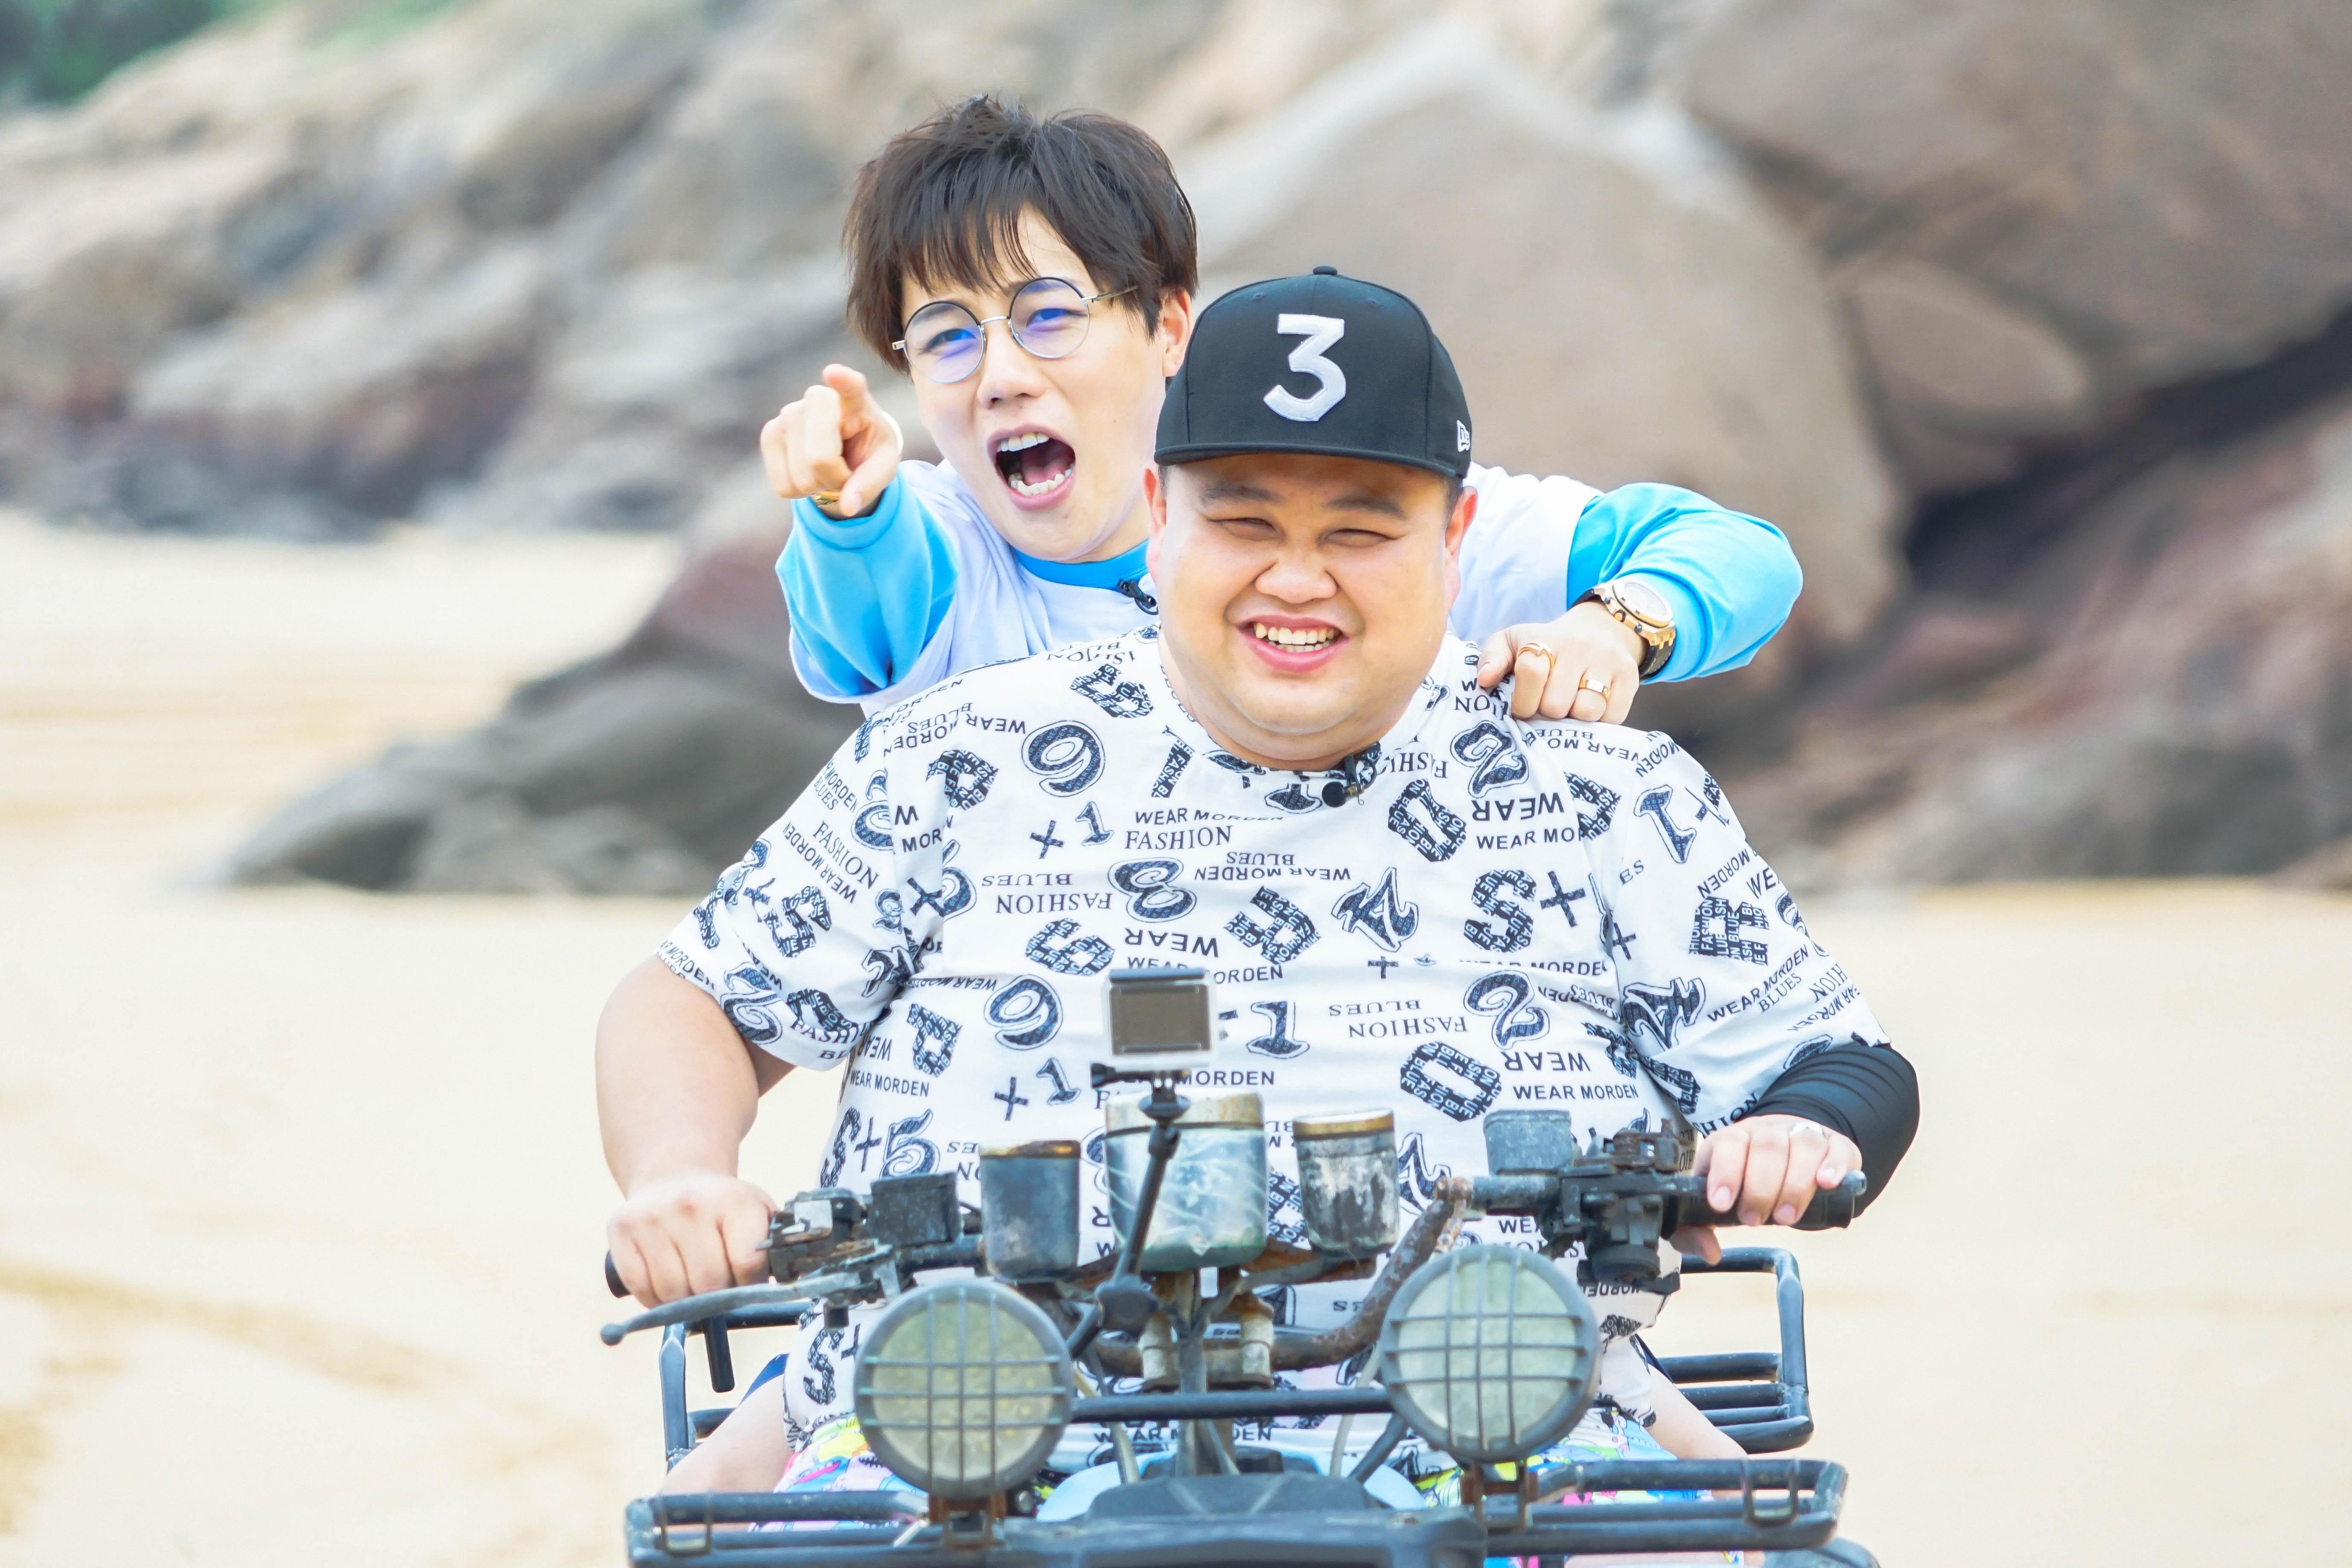 《好运旅行团》本周收官 田亮沙滩赛跑秒杀壮汉